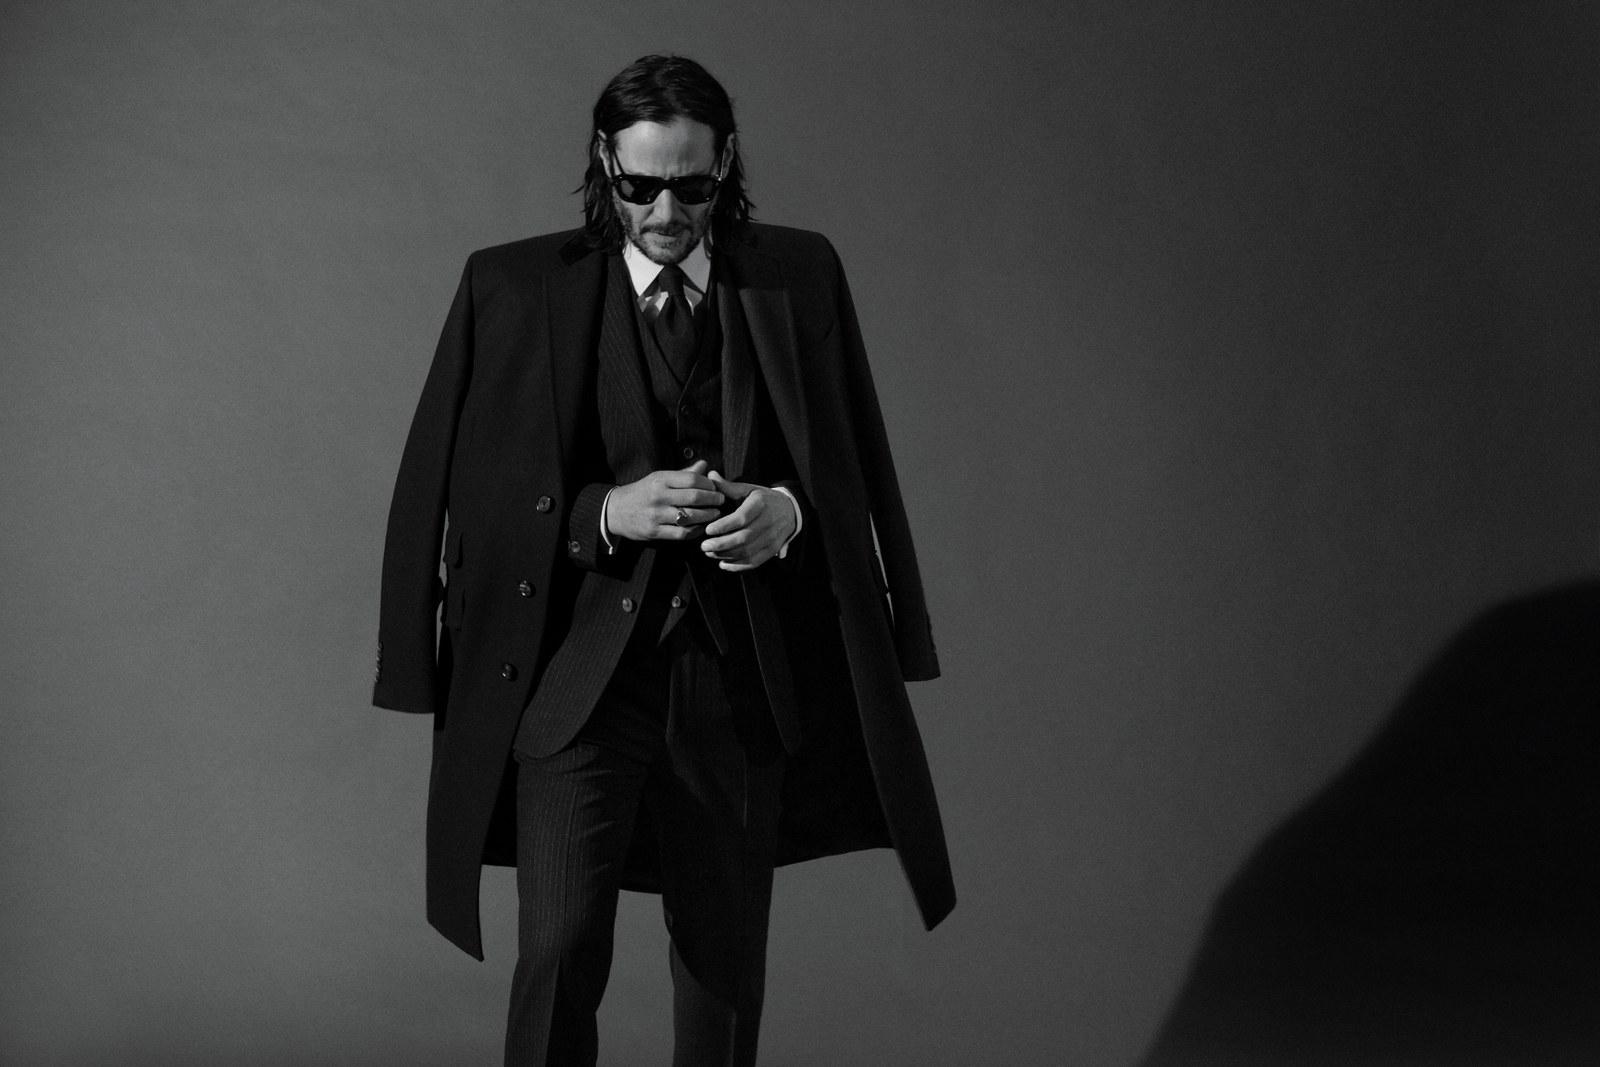 Черно-белый нуар: Киану Ривз впервые за долгое время снялся для глянца